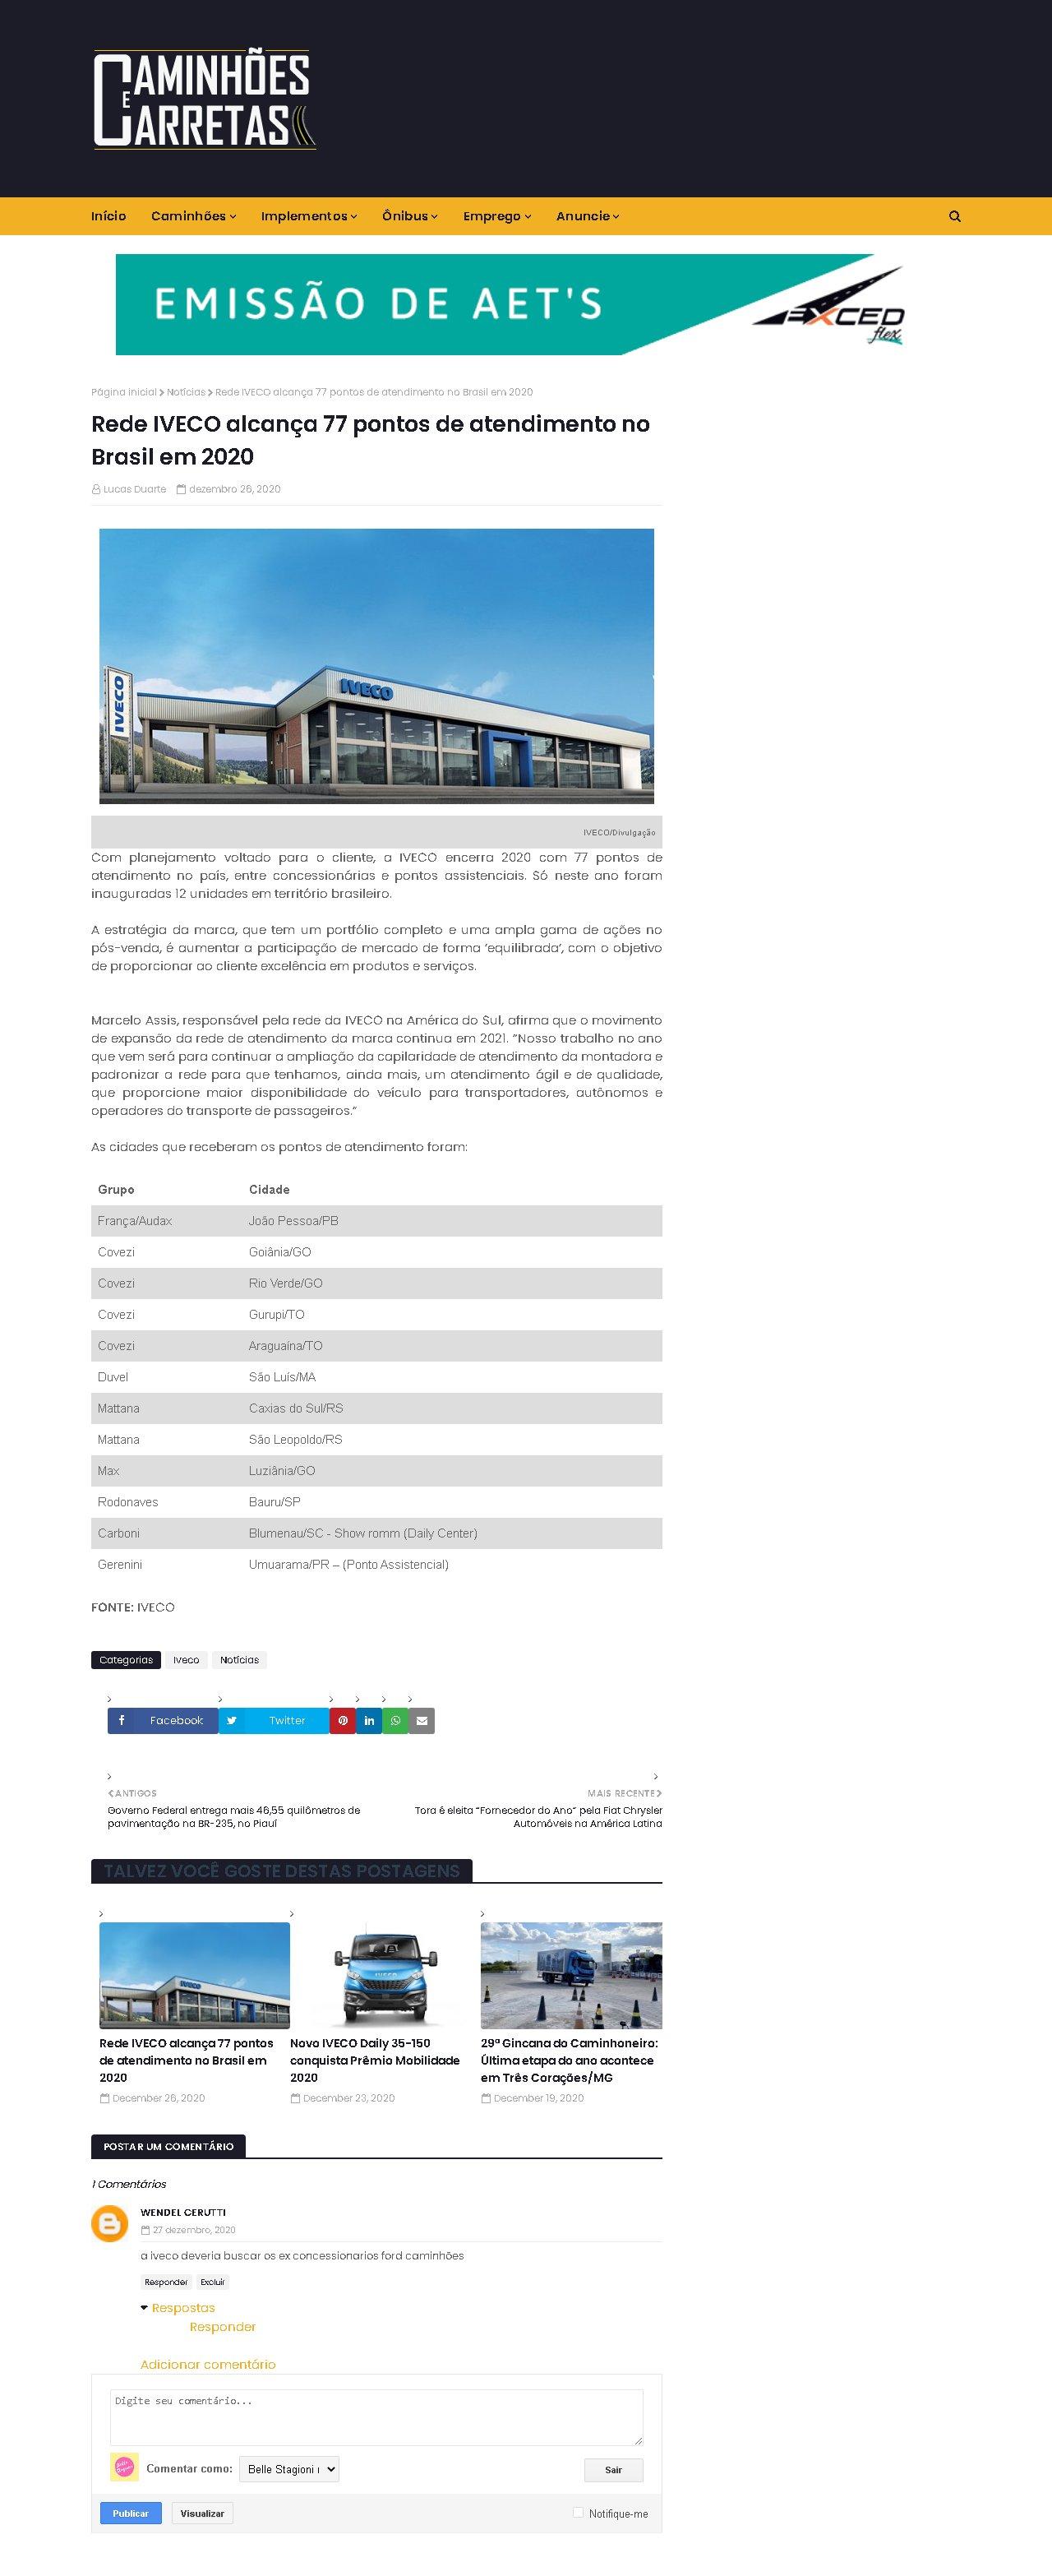 Rede IVECO alcança 77 pontos de atendimento no Brasil em 2020 - Caminhões e Carretas